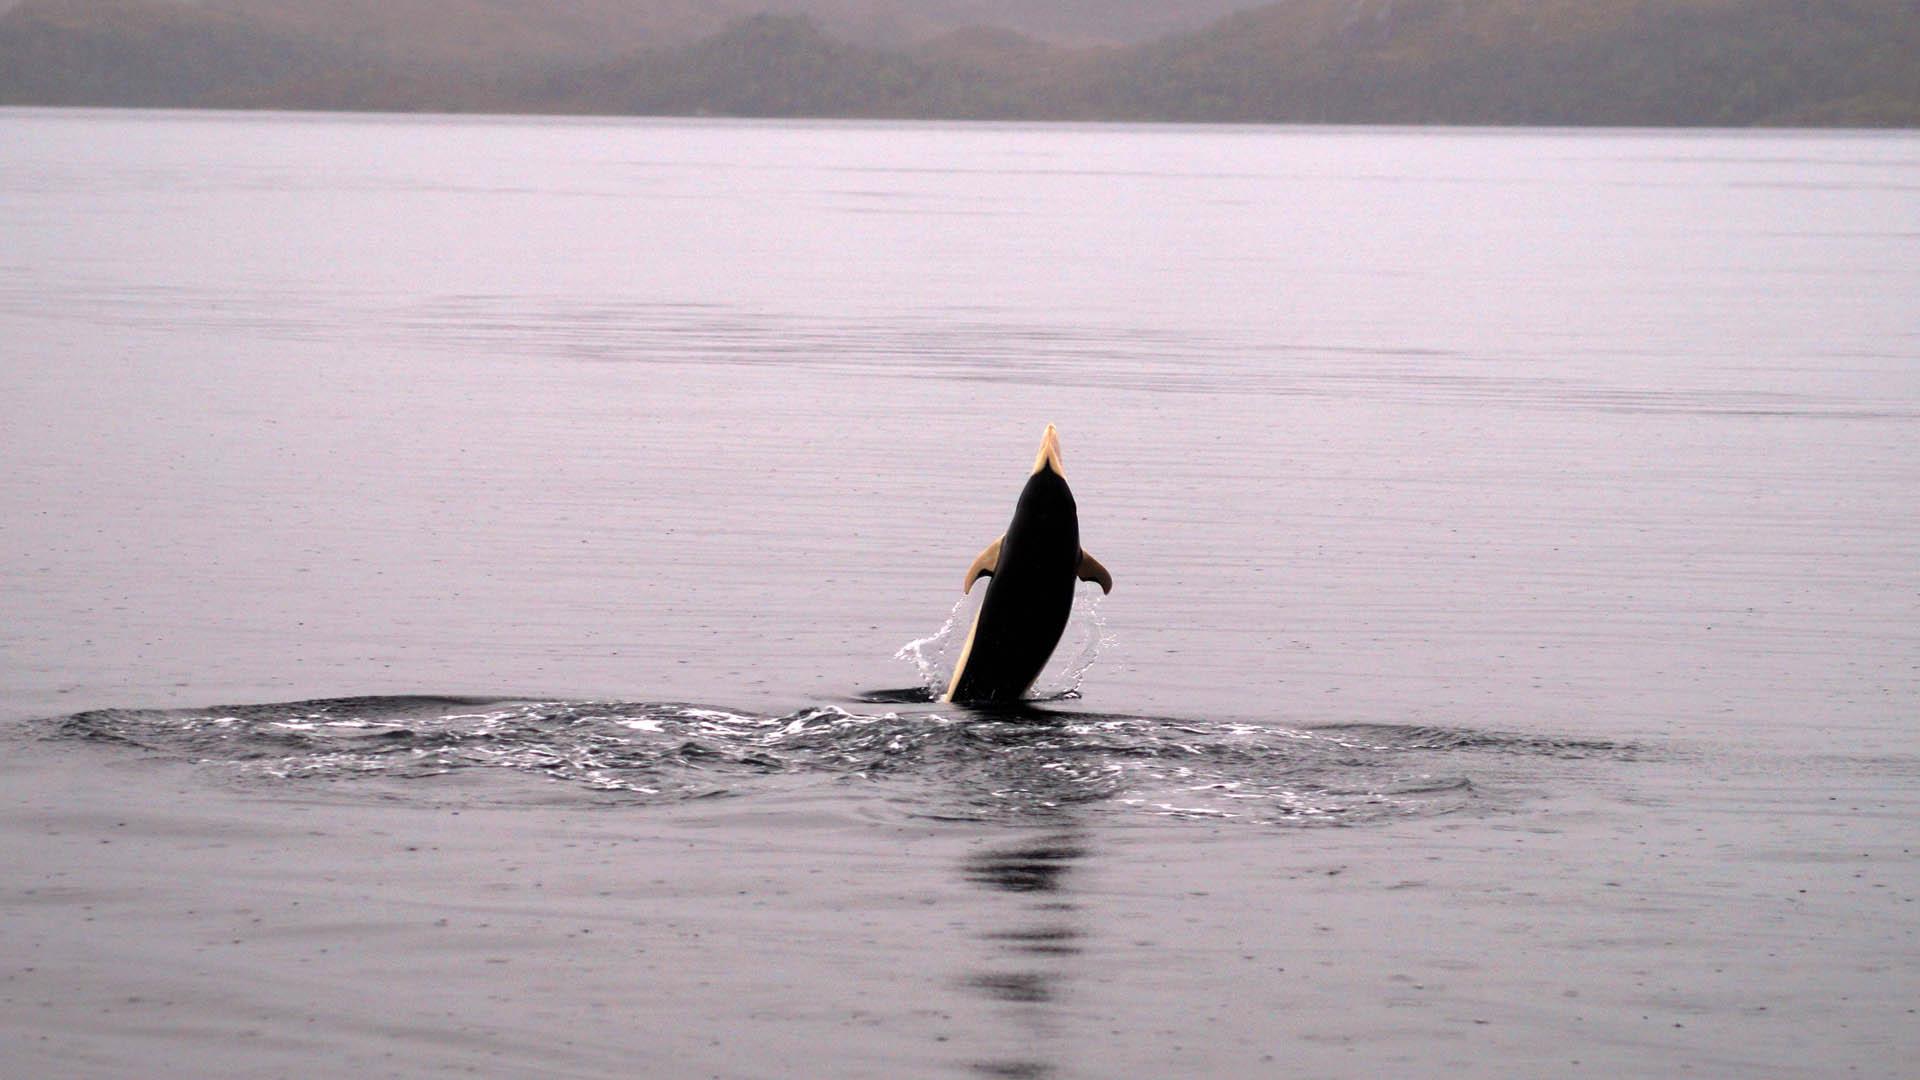 Fotografían por primera vez al exótico delfín liso, en Chile